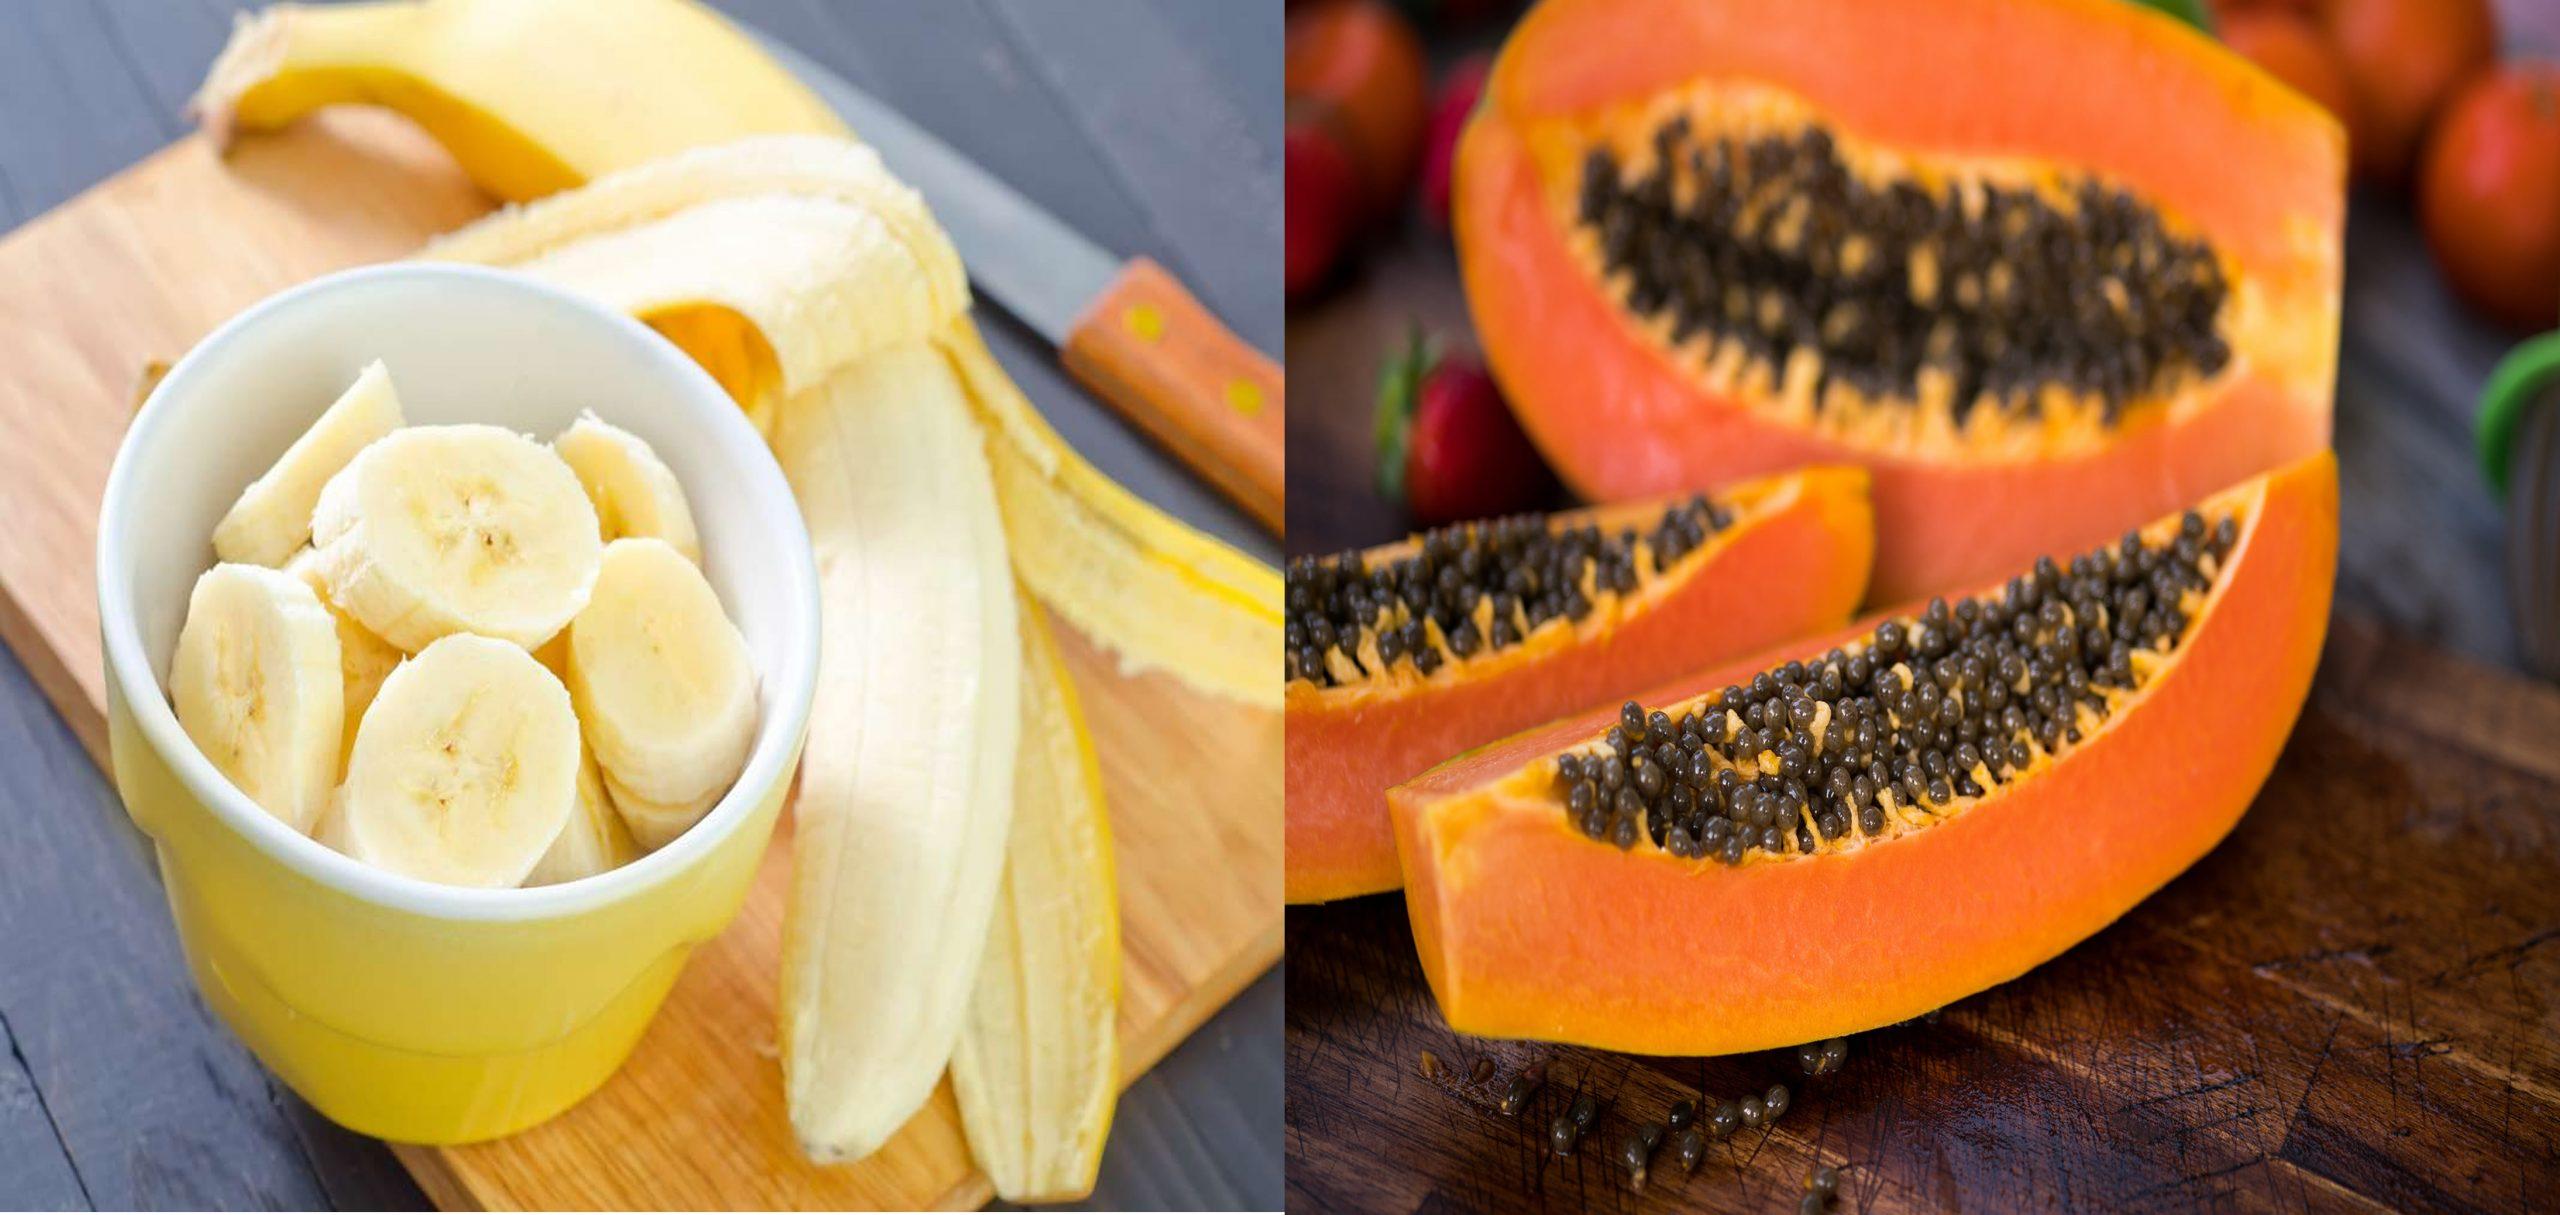 Banana And Papaya Mask